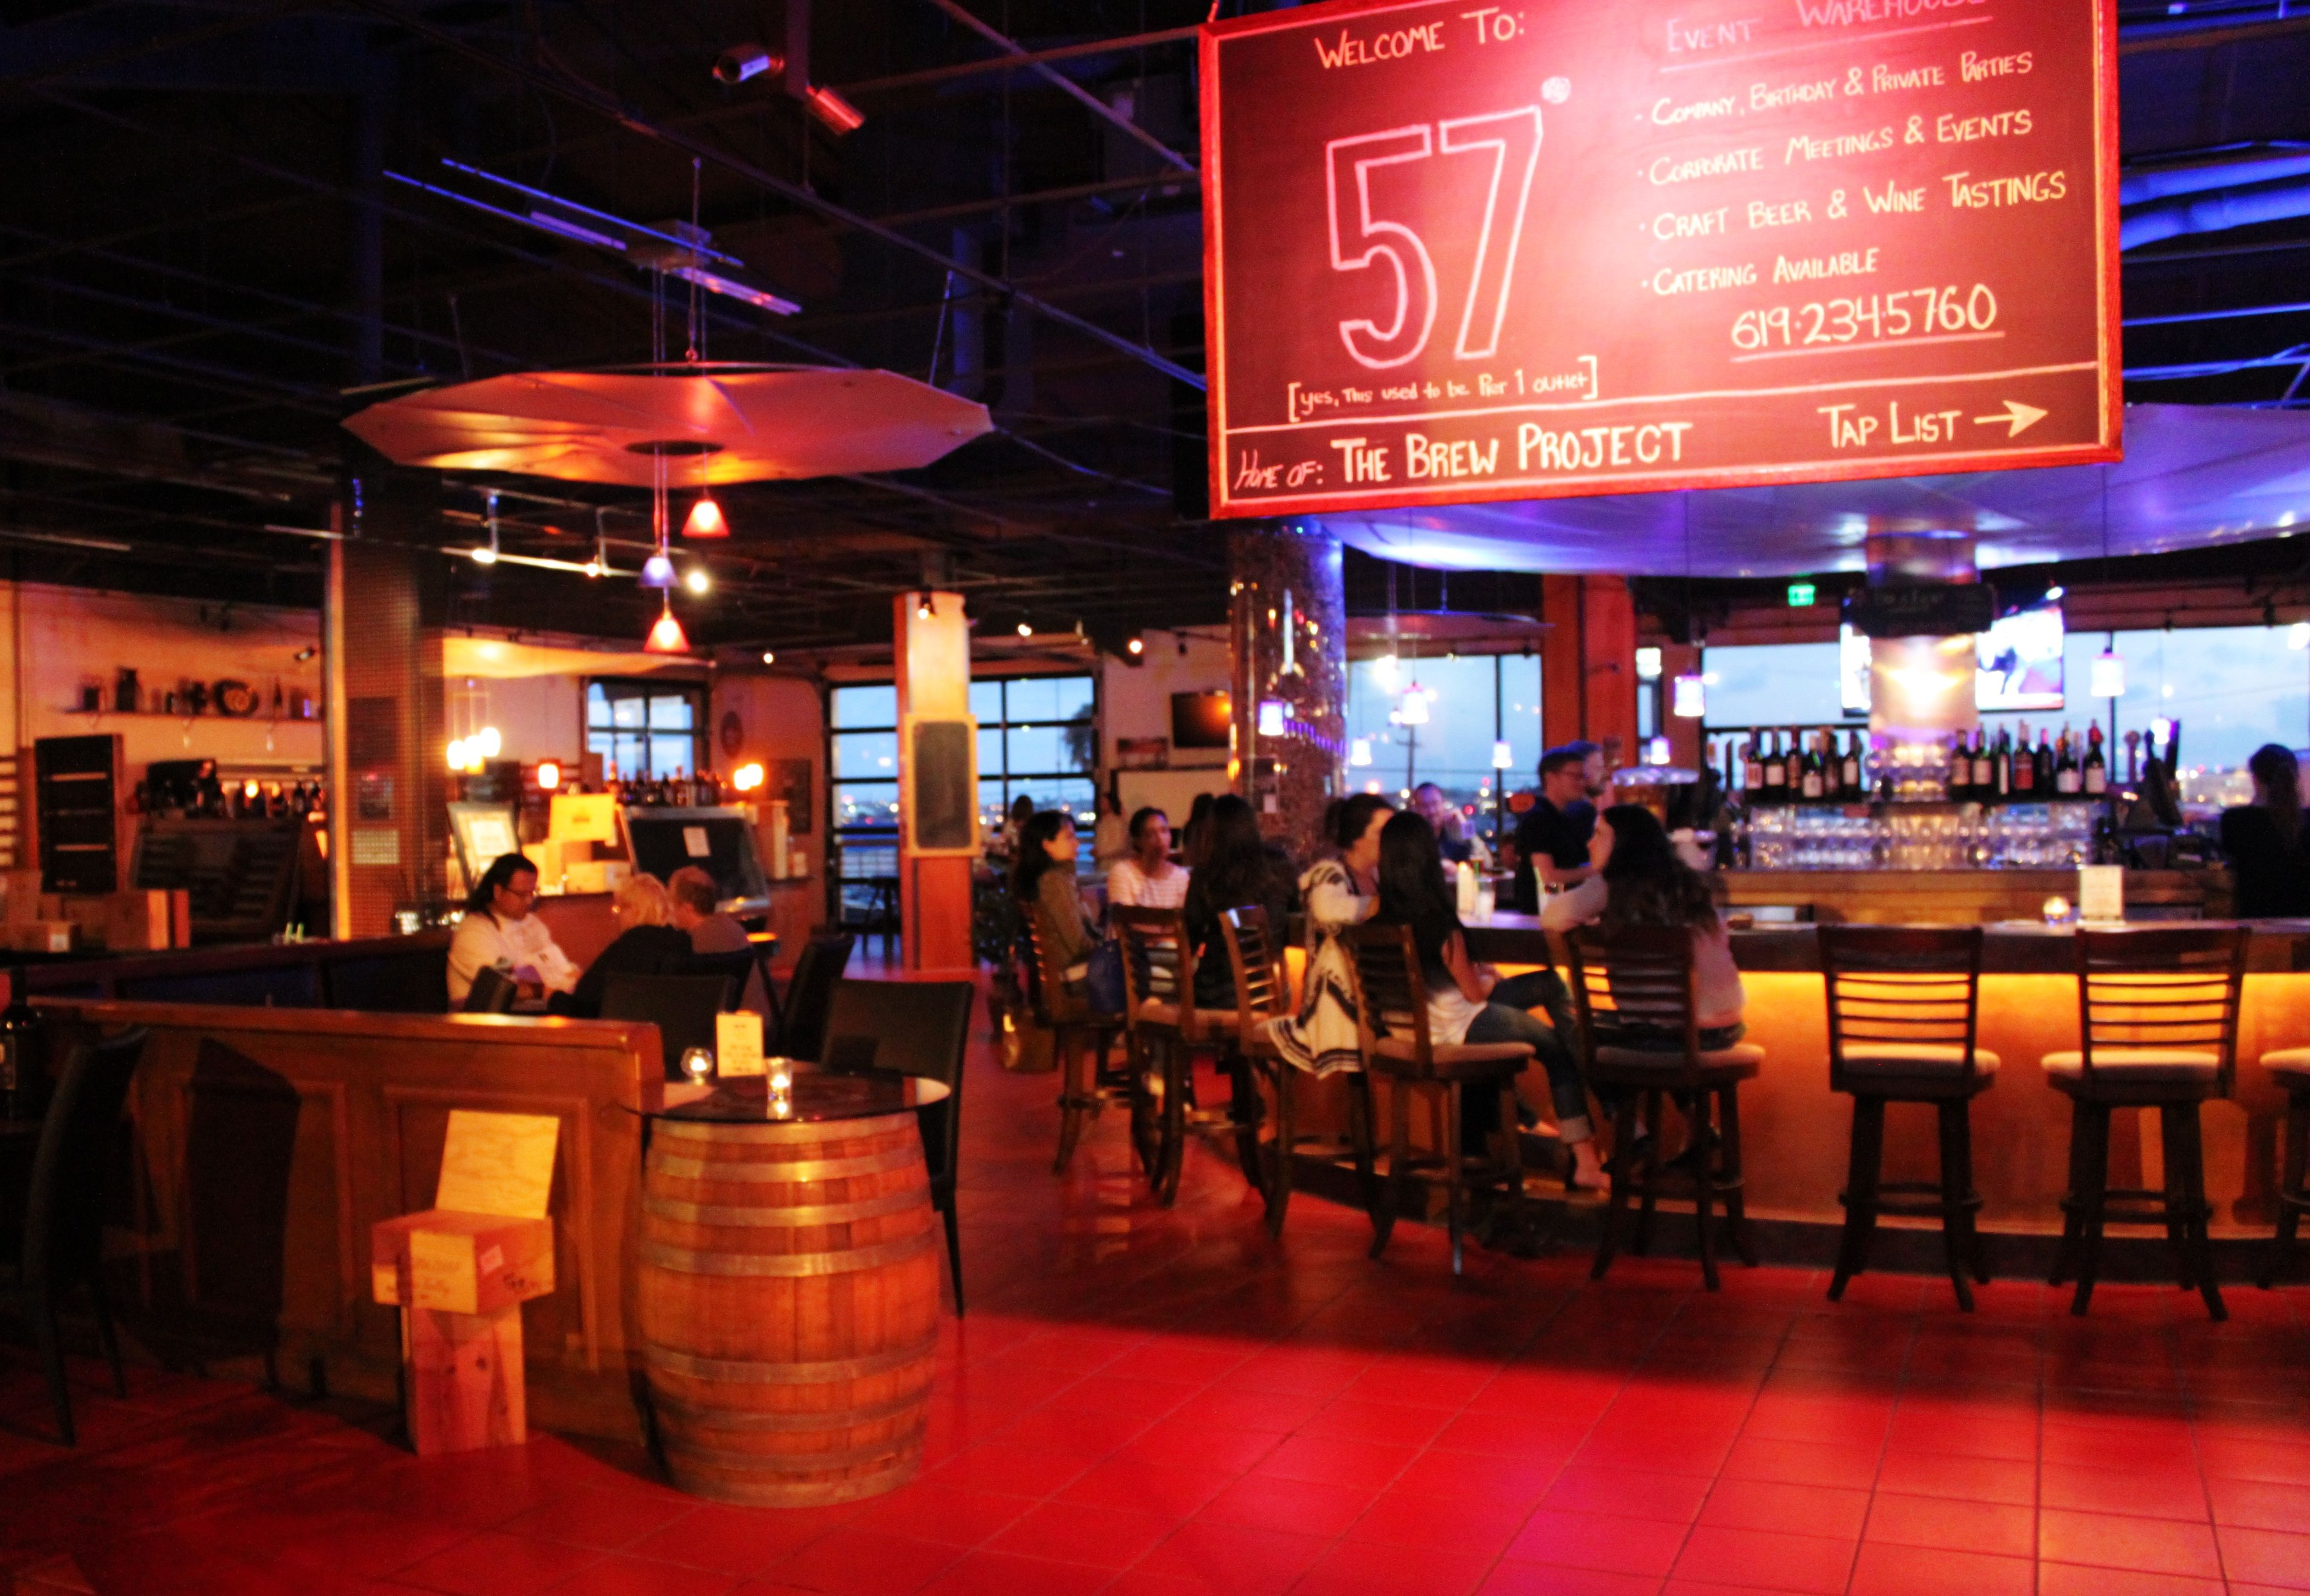 Pin By Allegro Bistro San Diego On Allegro Bistro Come Visit Us Wine Supplies Wine Bar Bistro